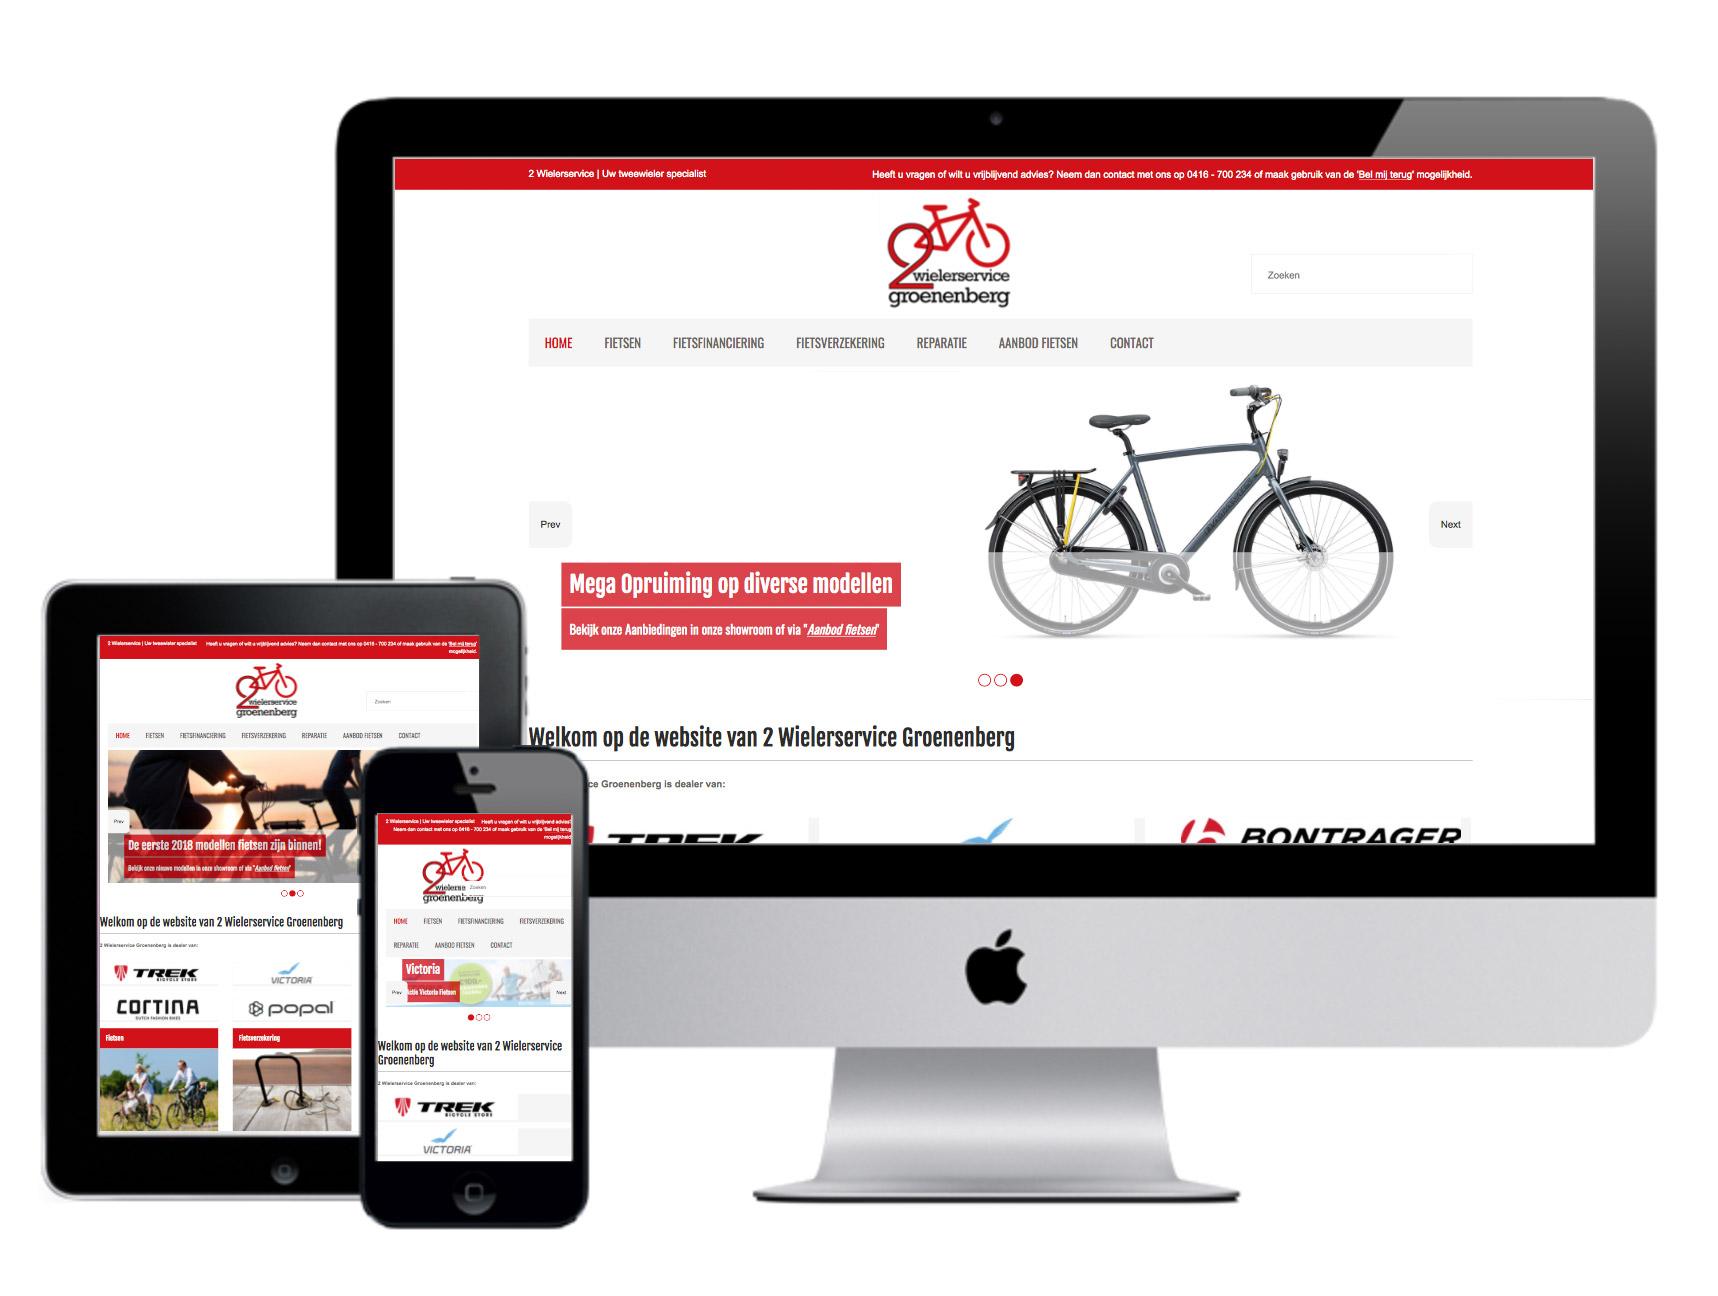 website-2wielerservice-groenenberg-eethen